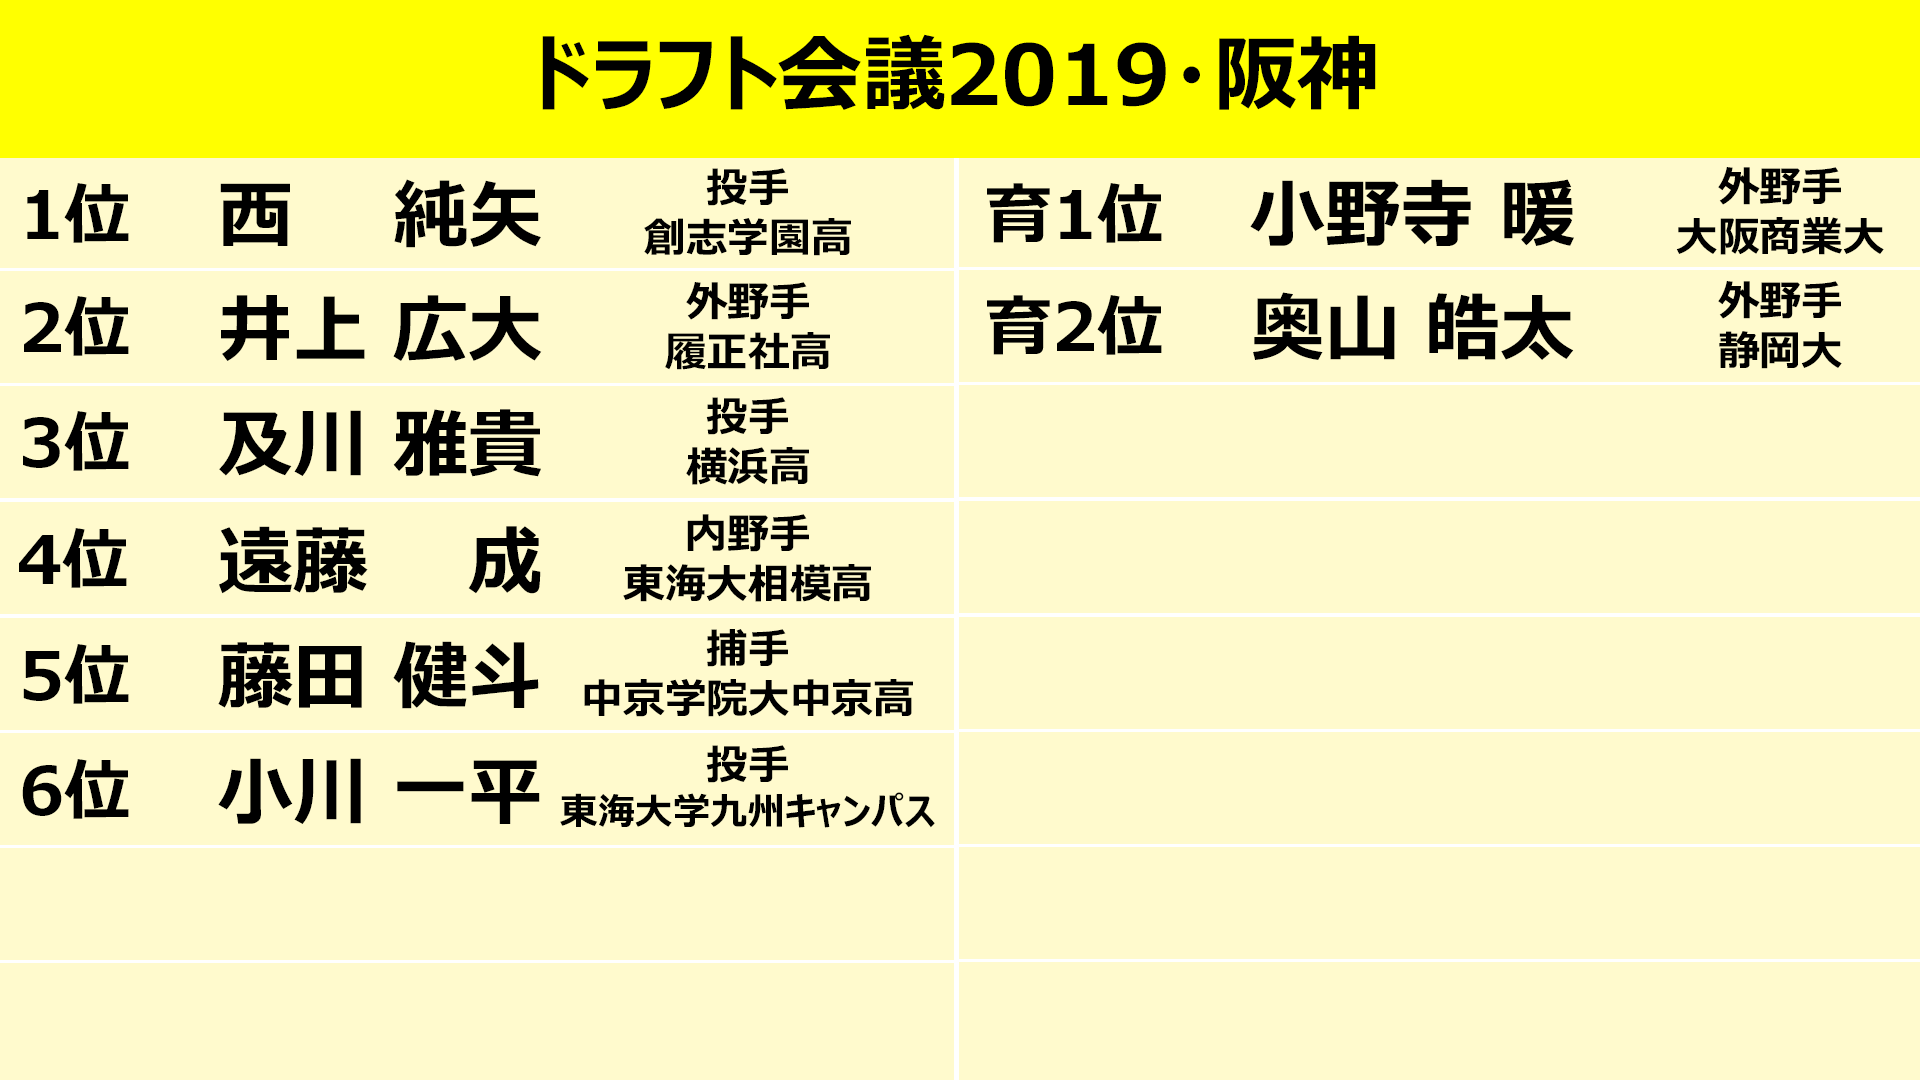 阪神 ドラフト 2019 阪神 - 2019年指名選手 -